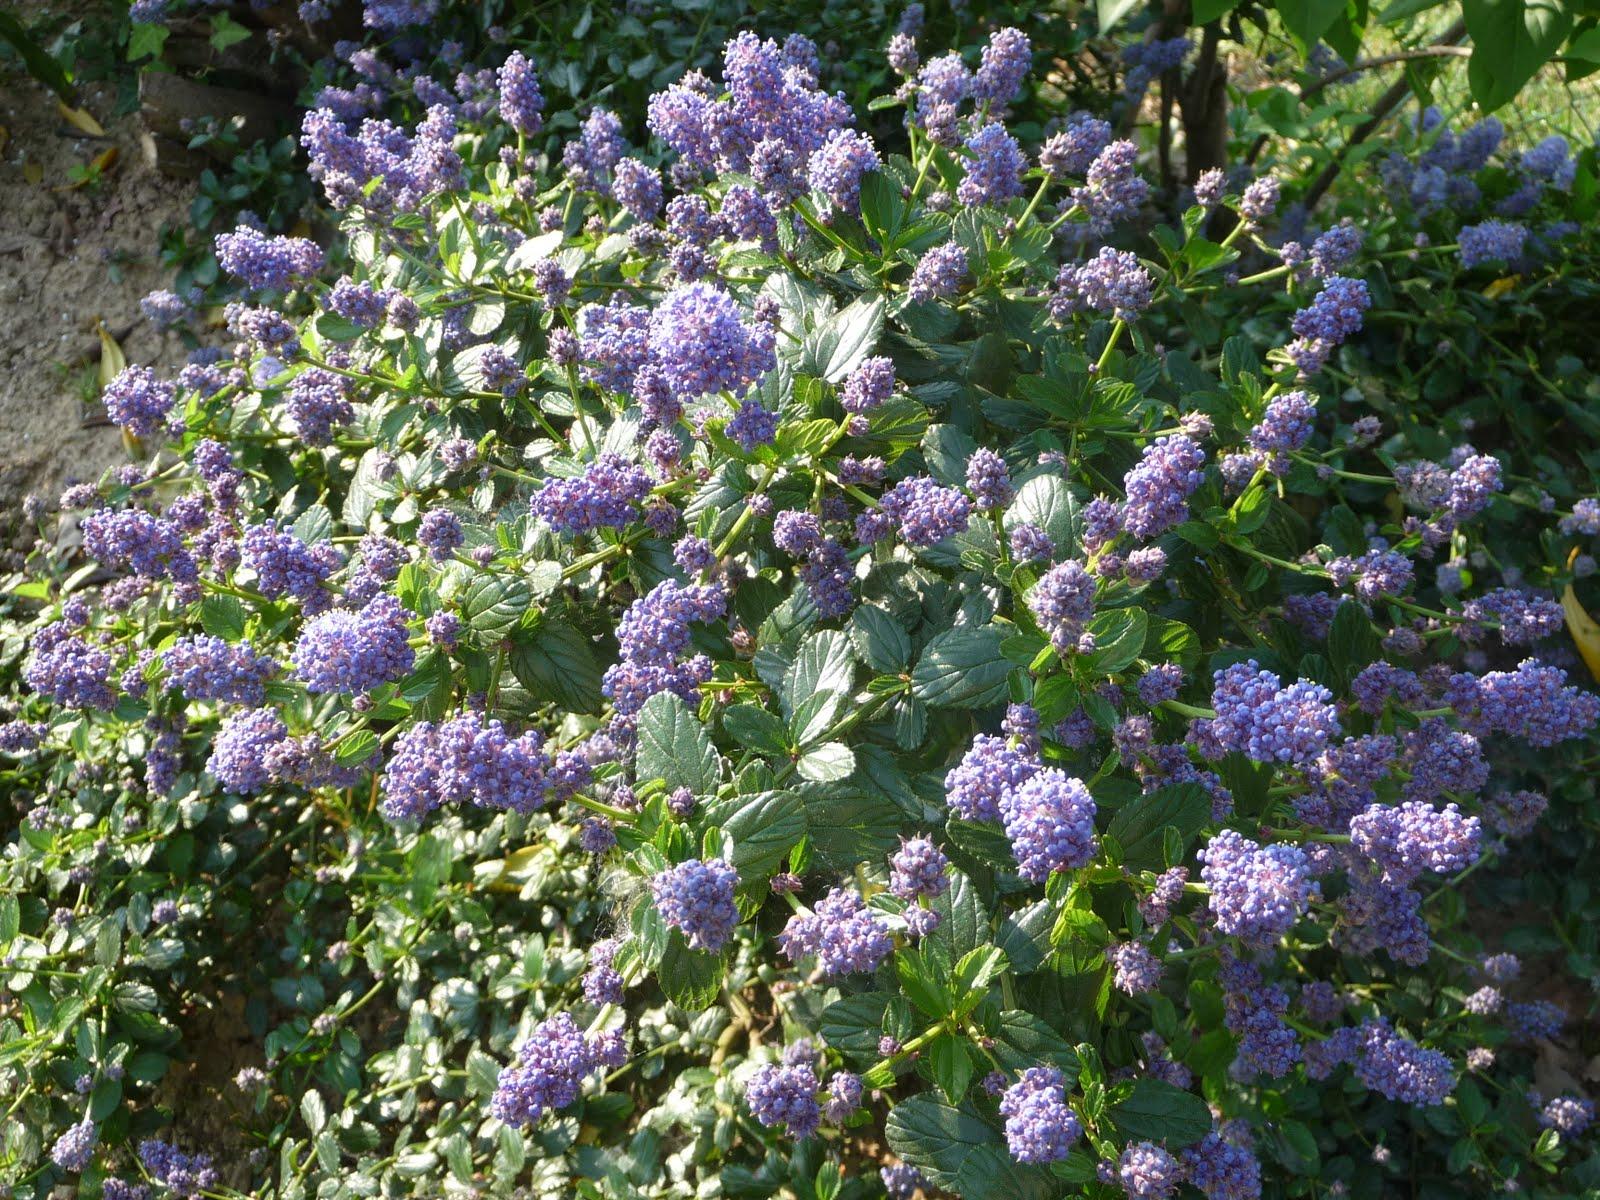 Ma terre de bruy re plantations de la haie plein sud - Arbustes fleurs bleues feuillage persistant ...